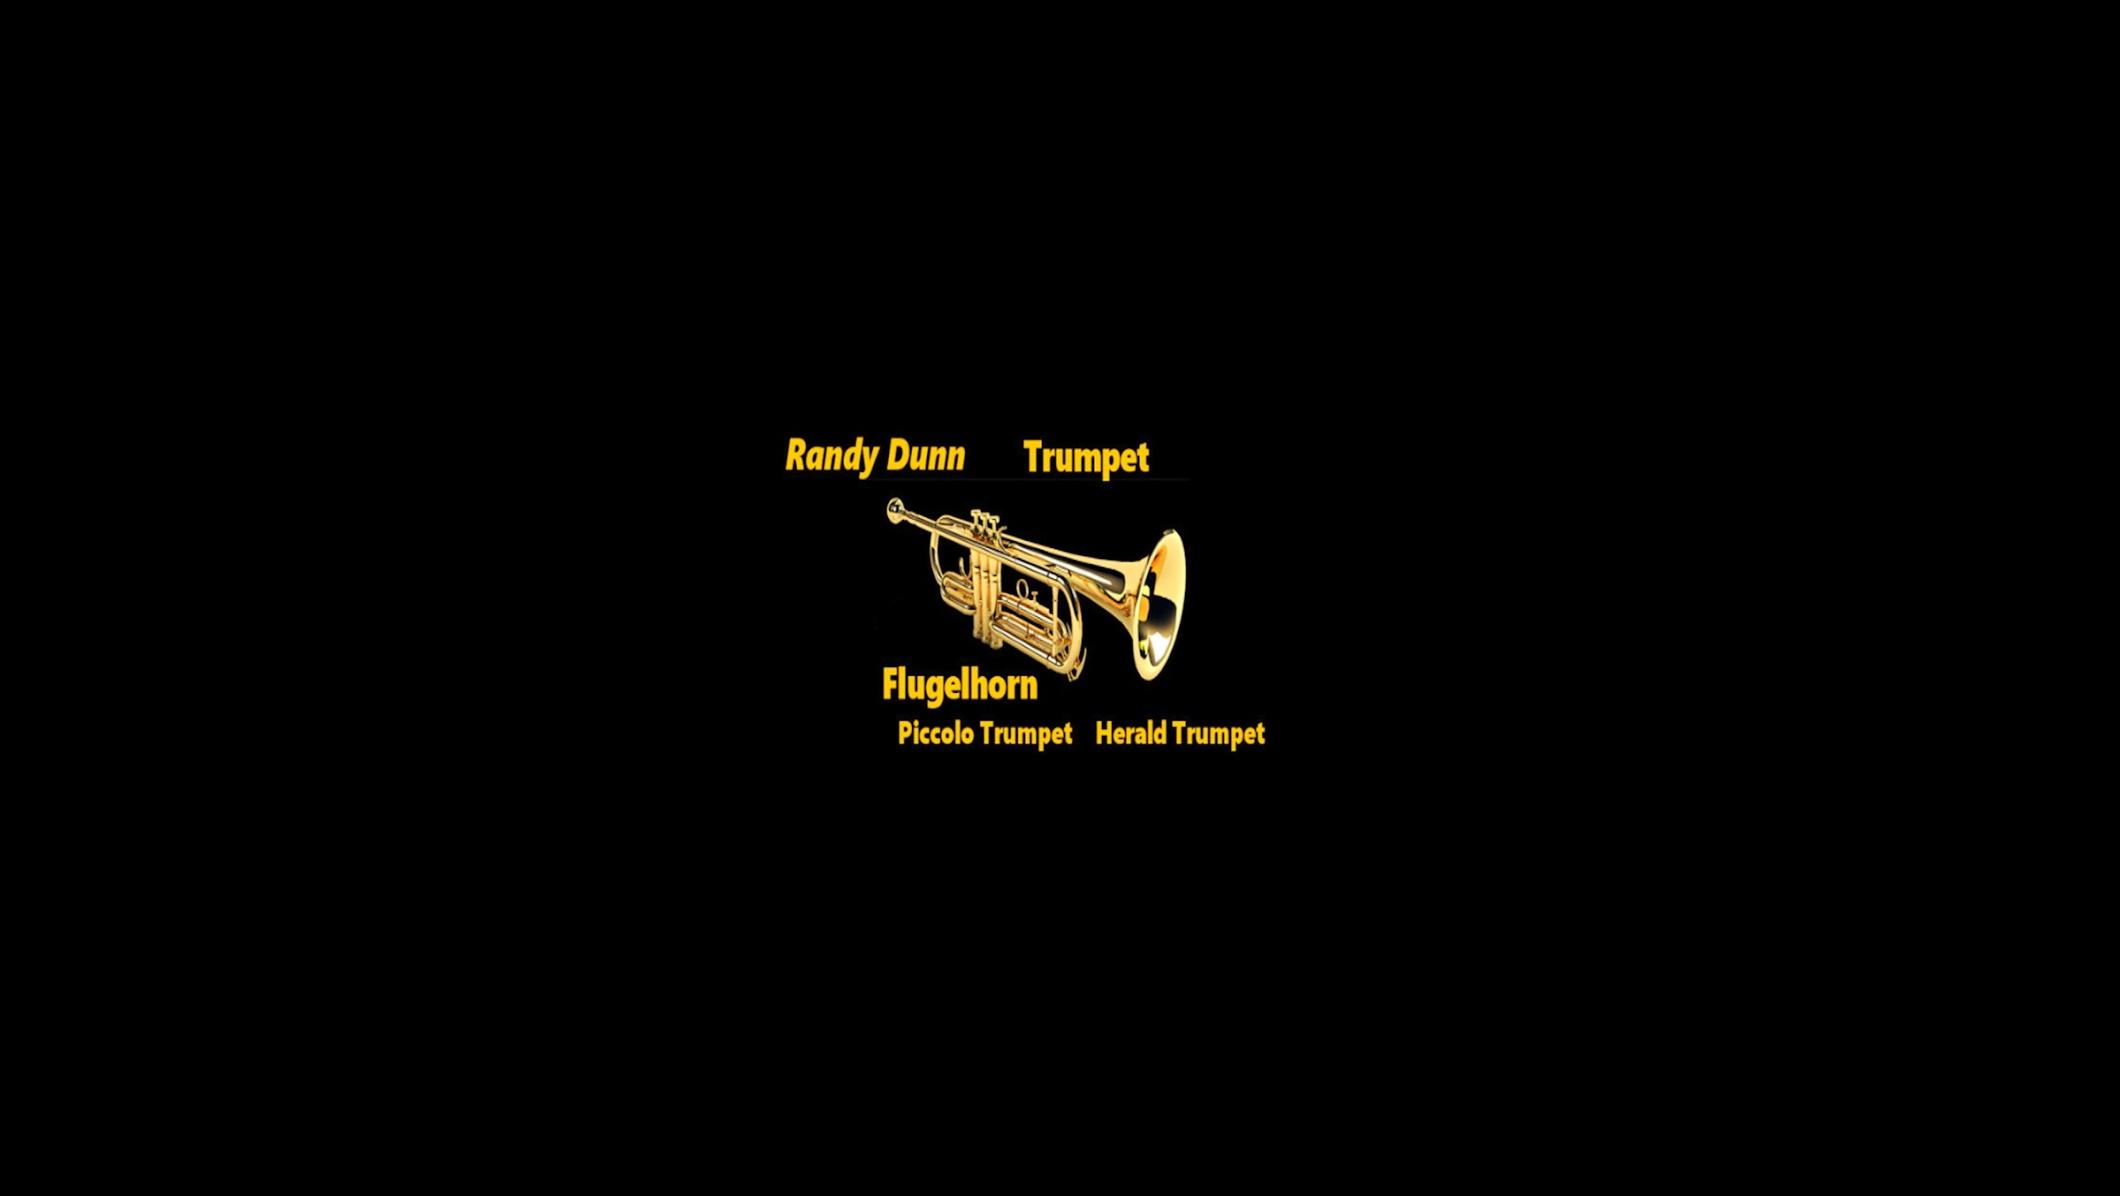 Randy Dunn - YouTube